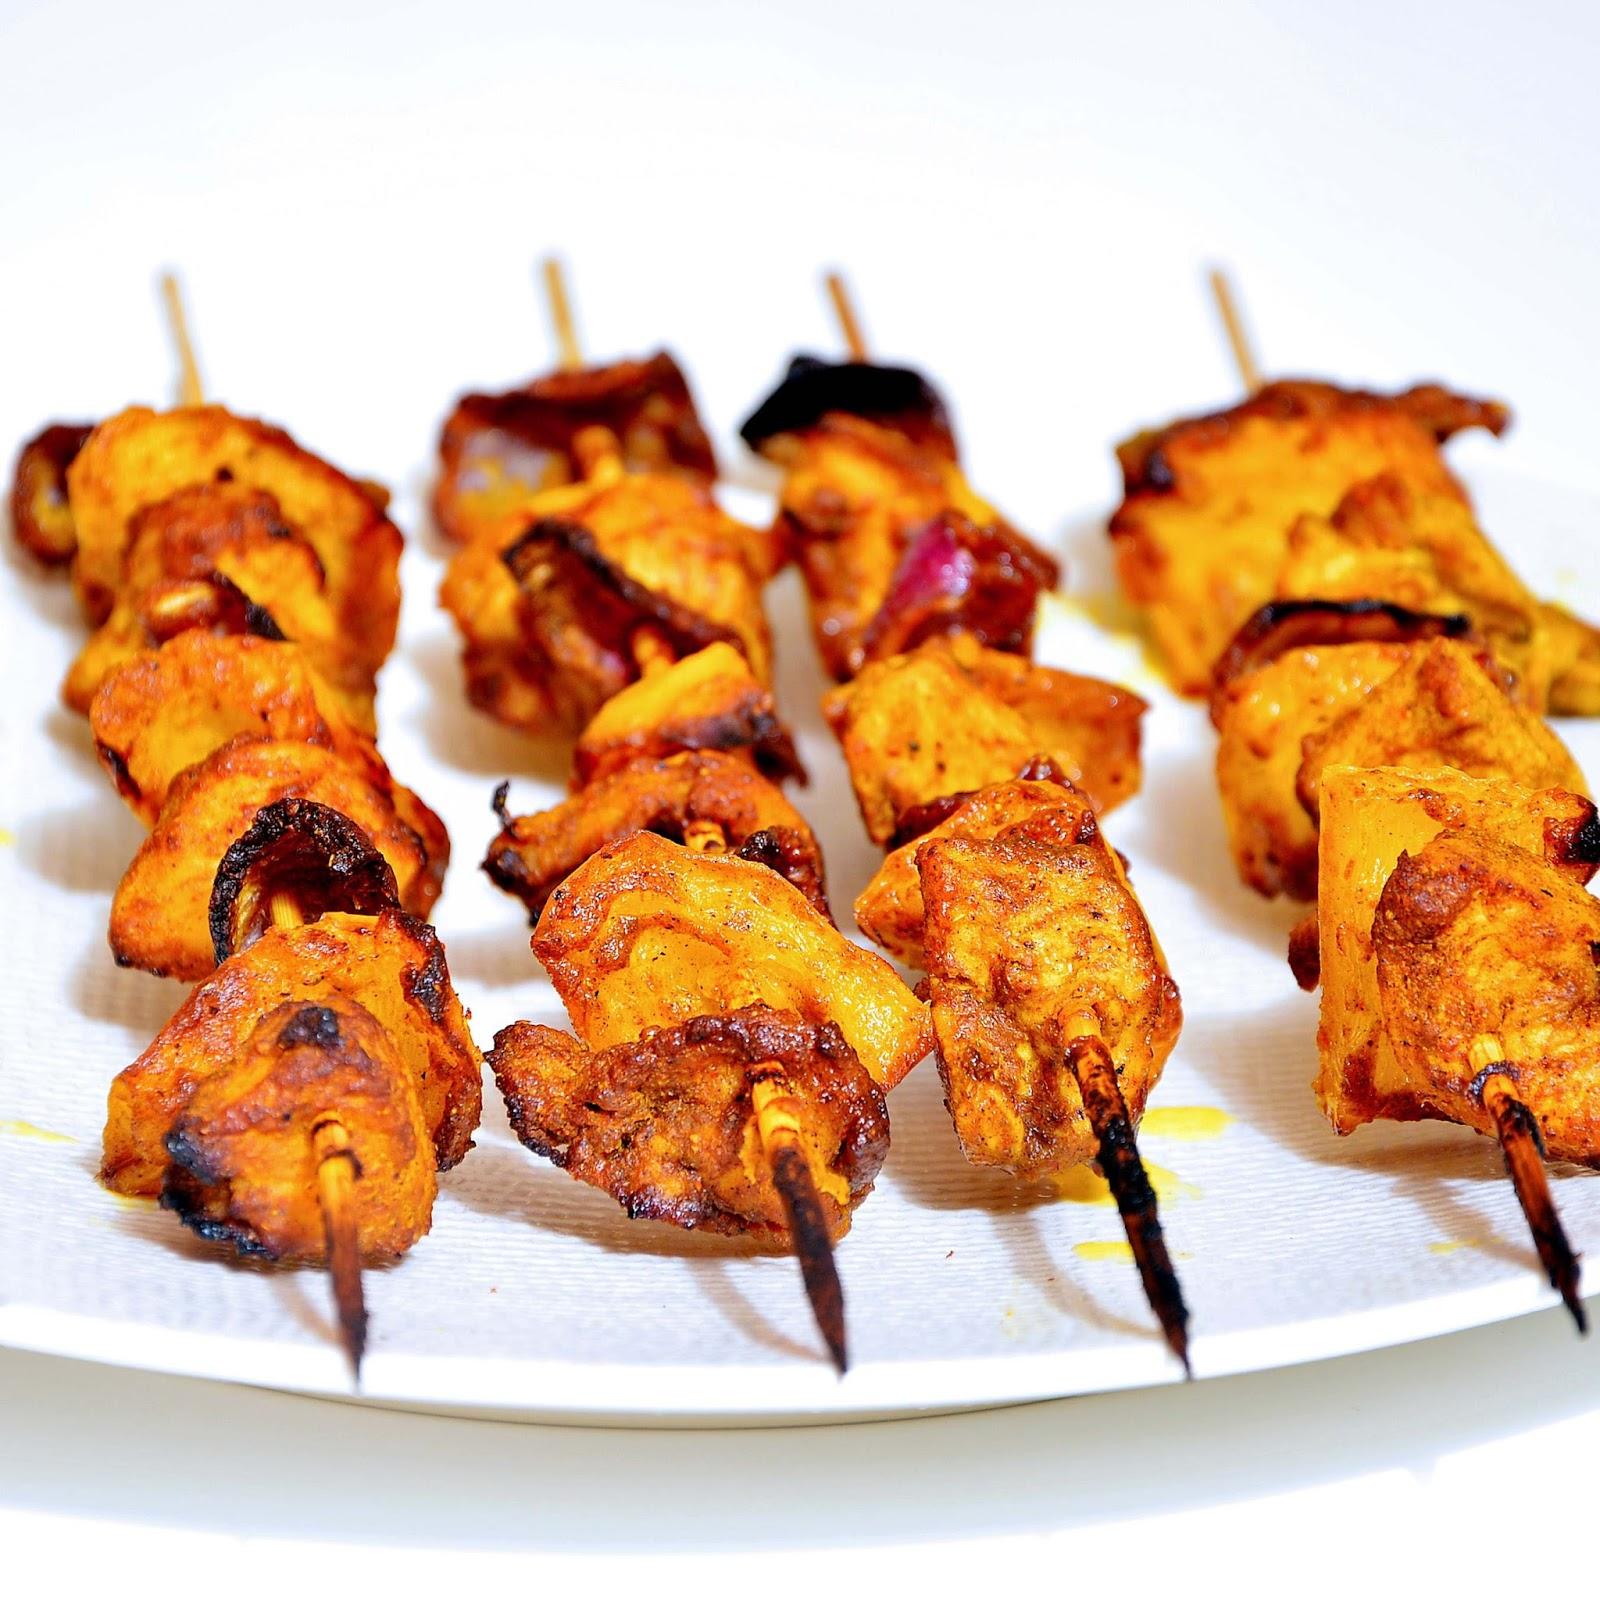 The Kathi Kebab